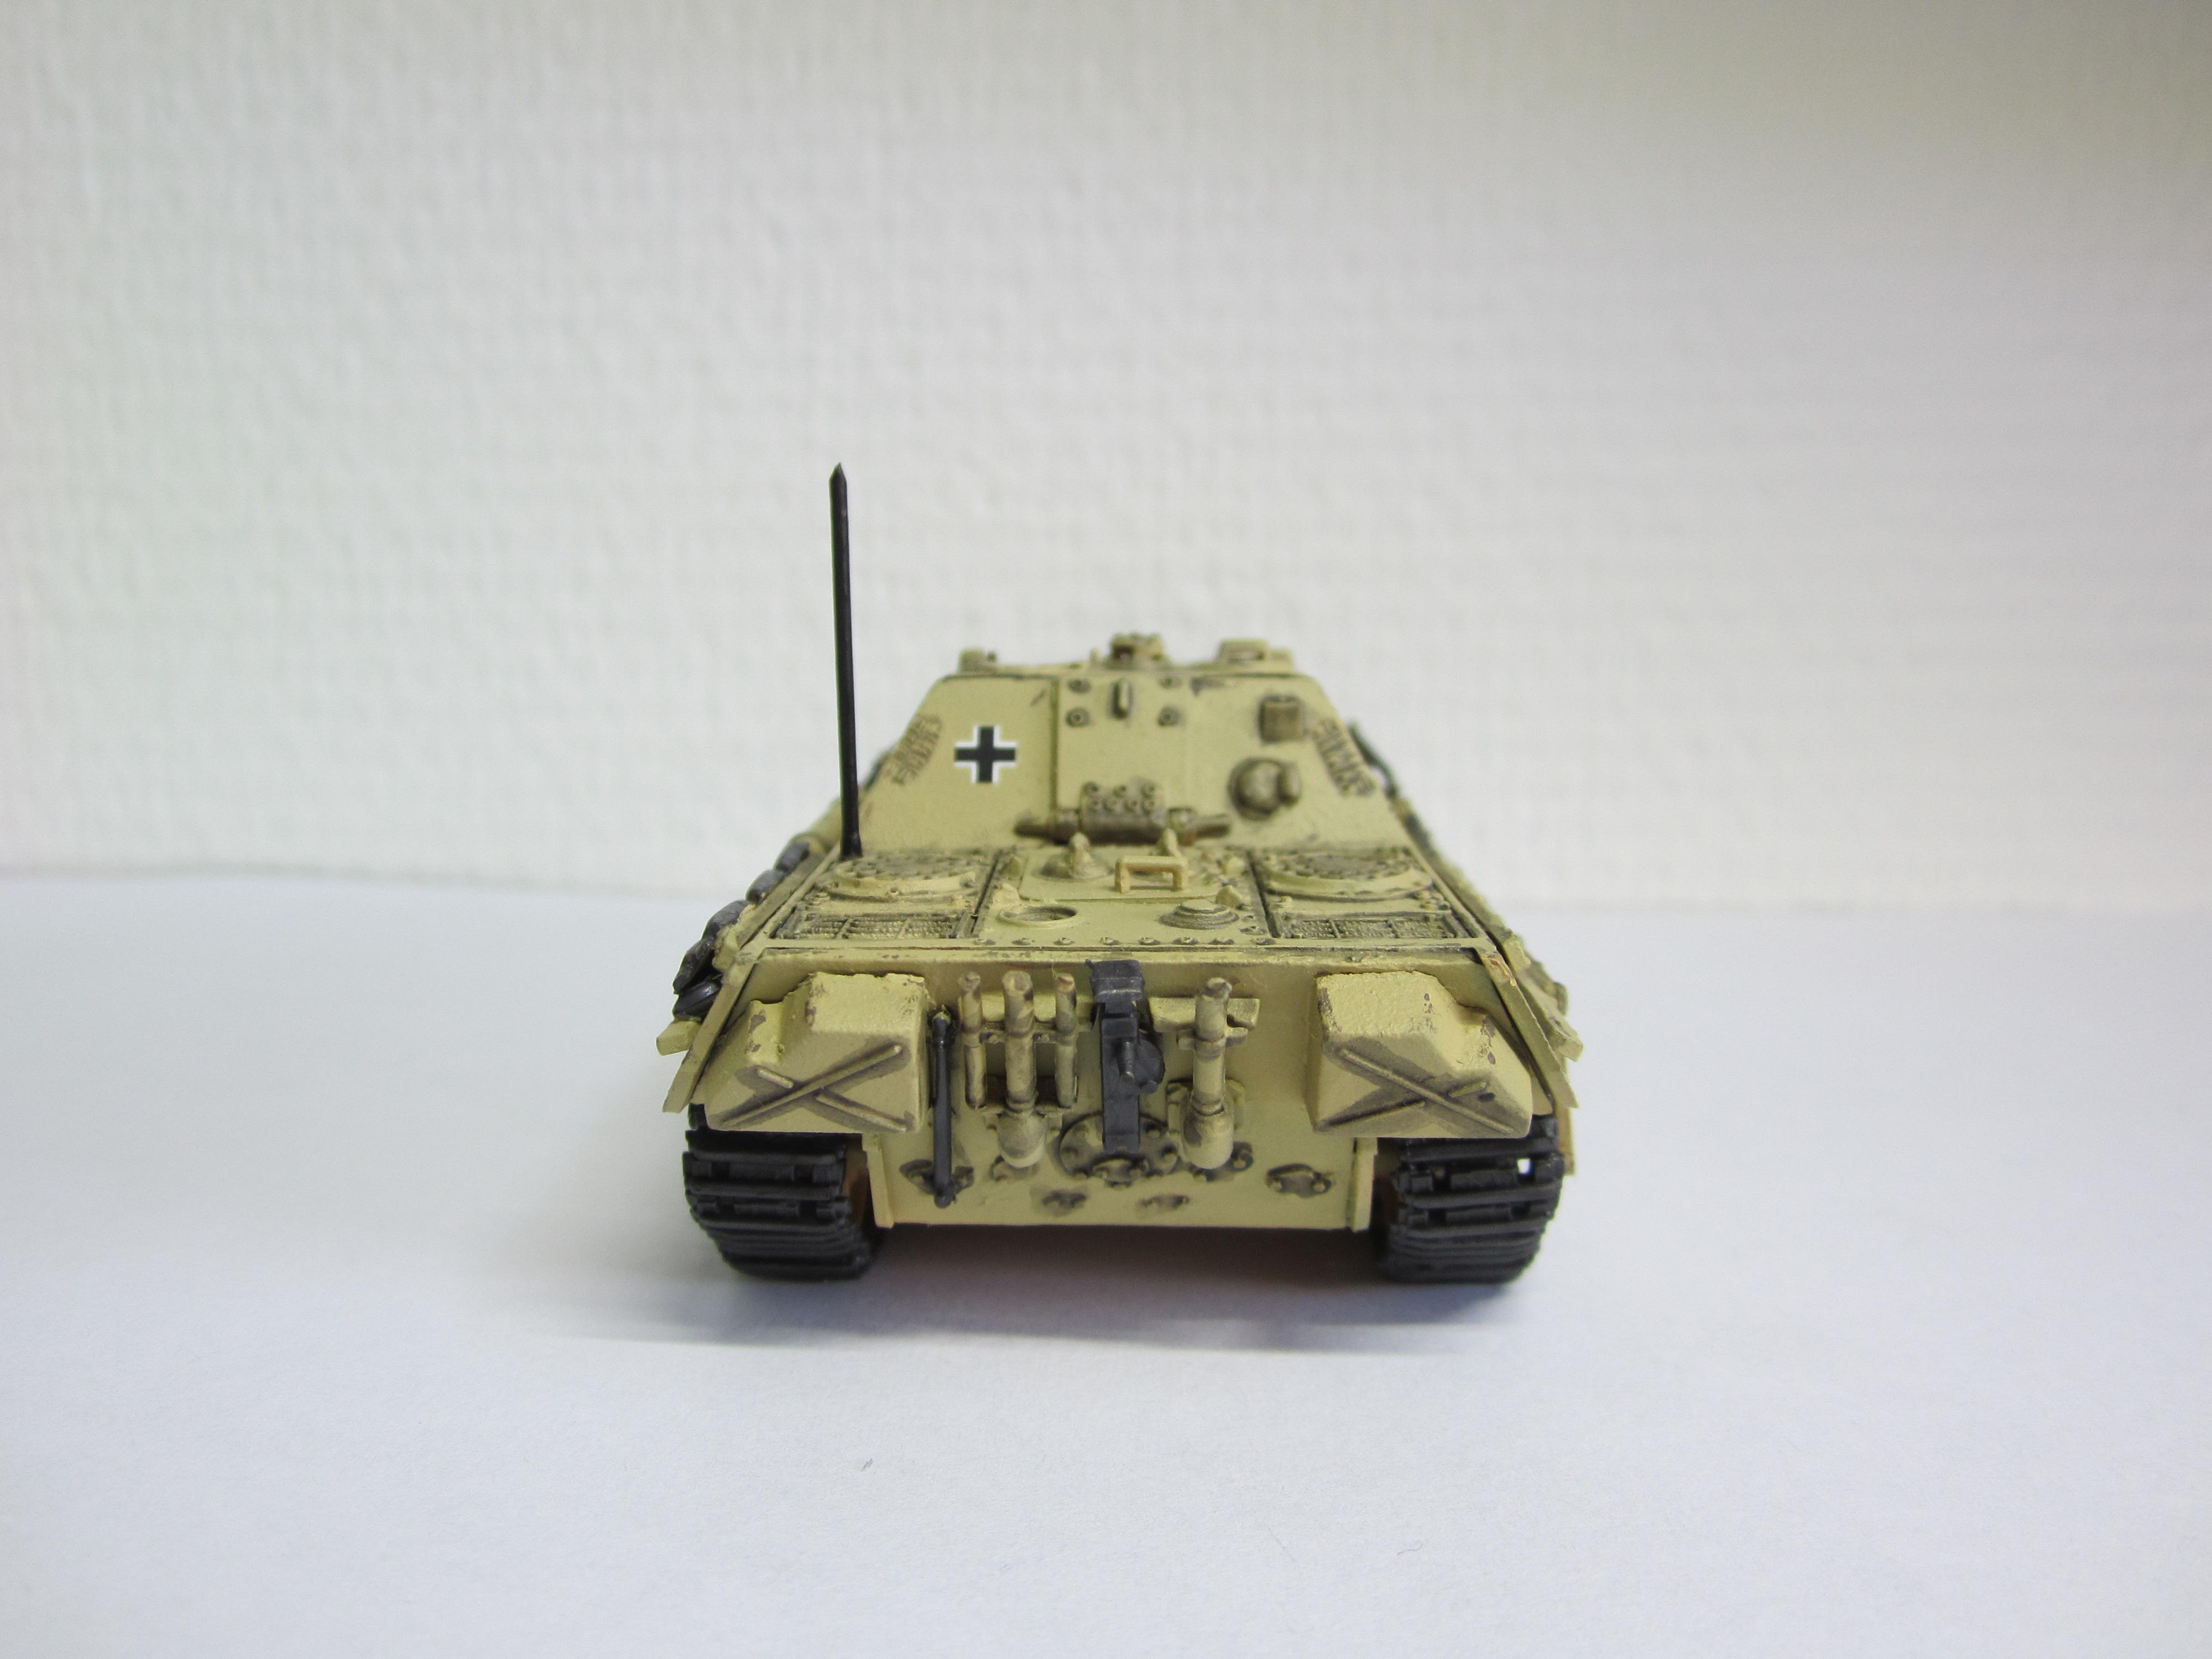 Figuren KöniG's Panzer Lehr Division - Seite 4 Img_3849abso7